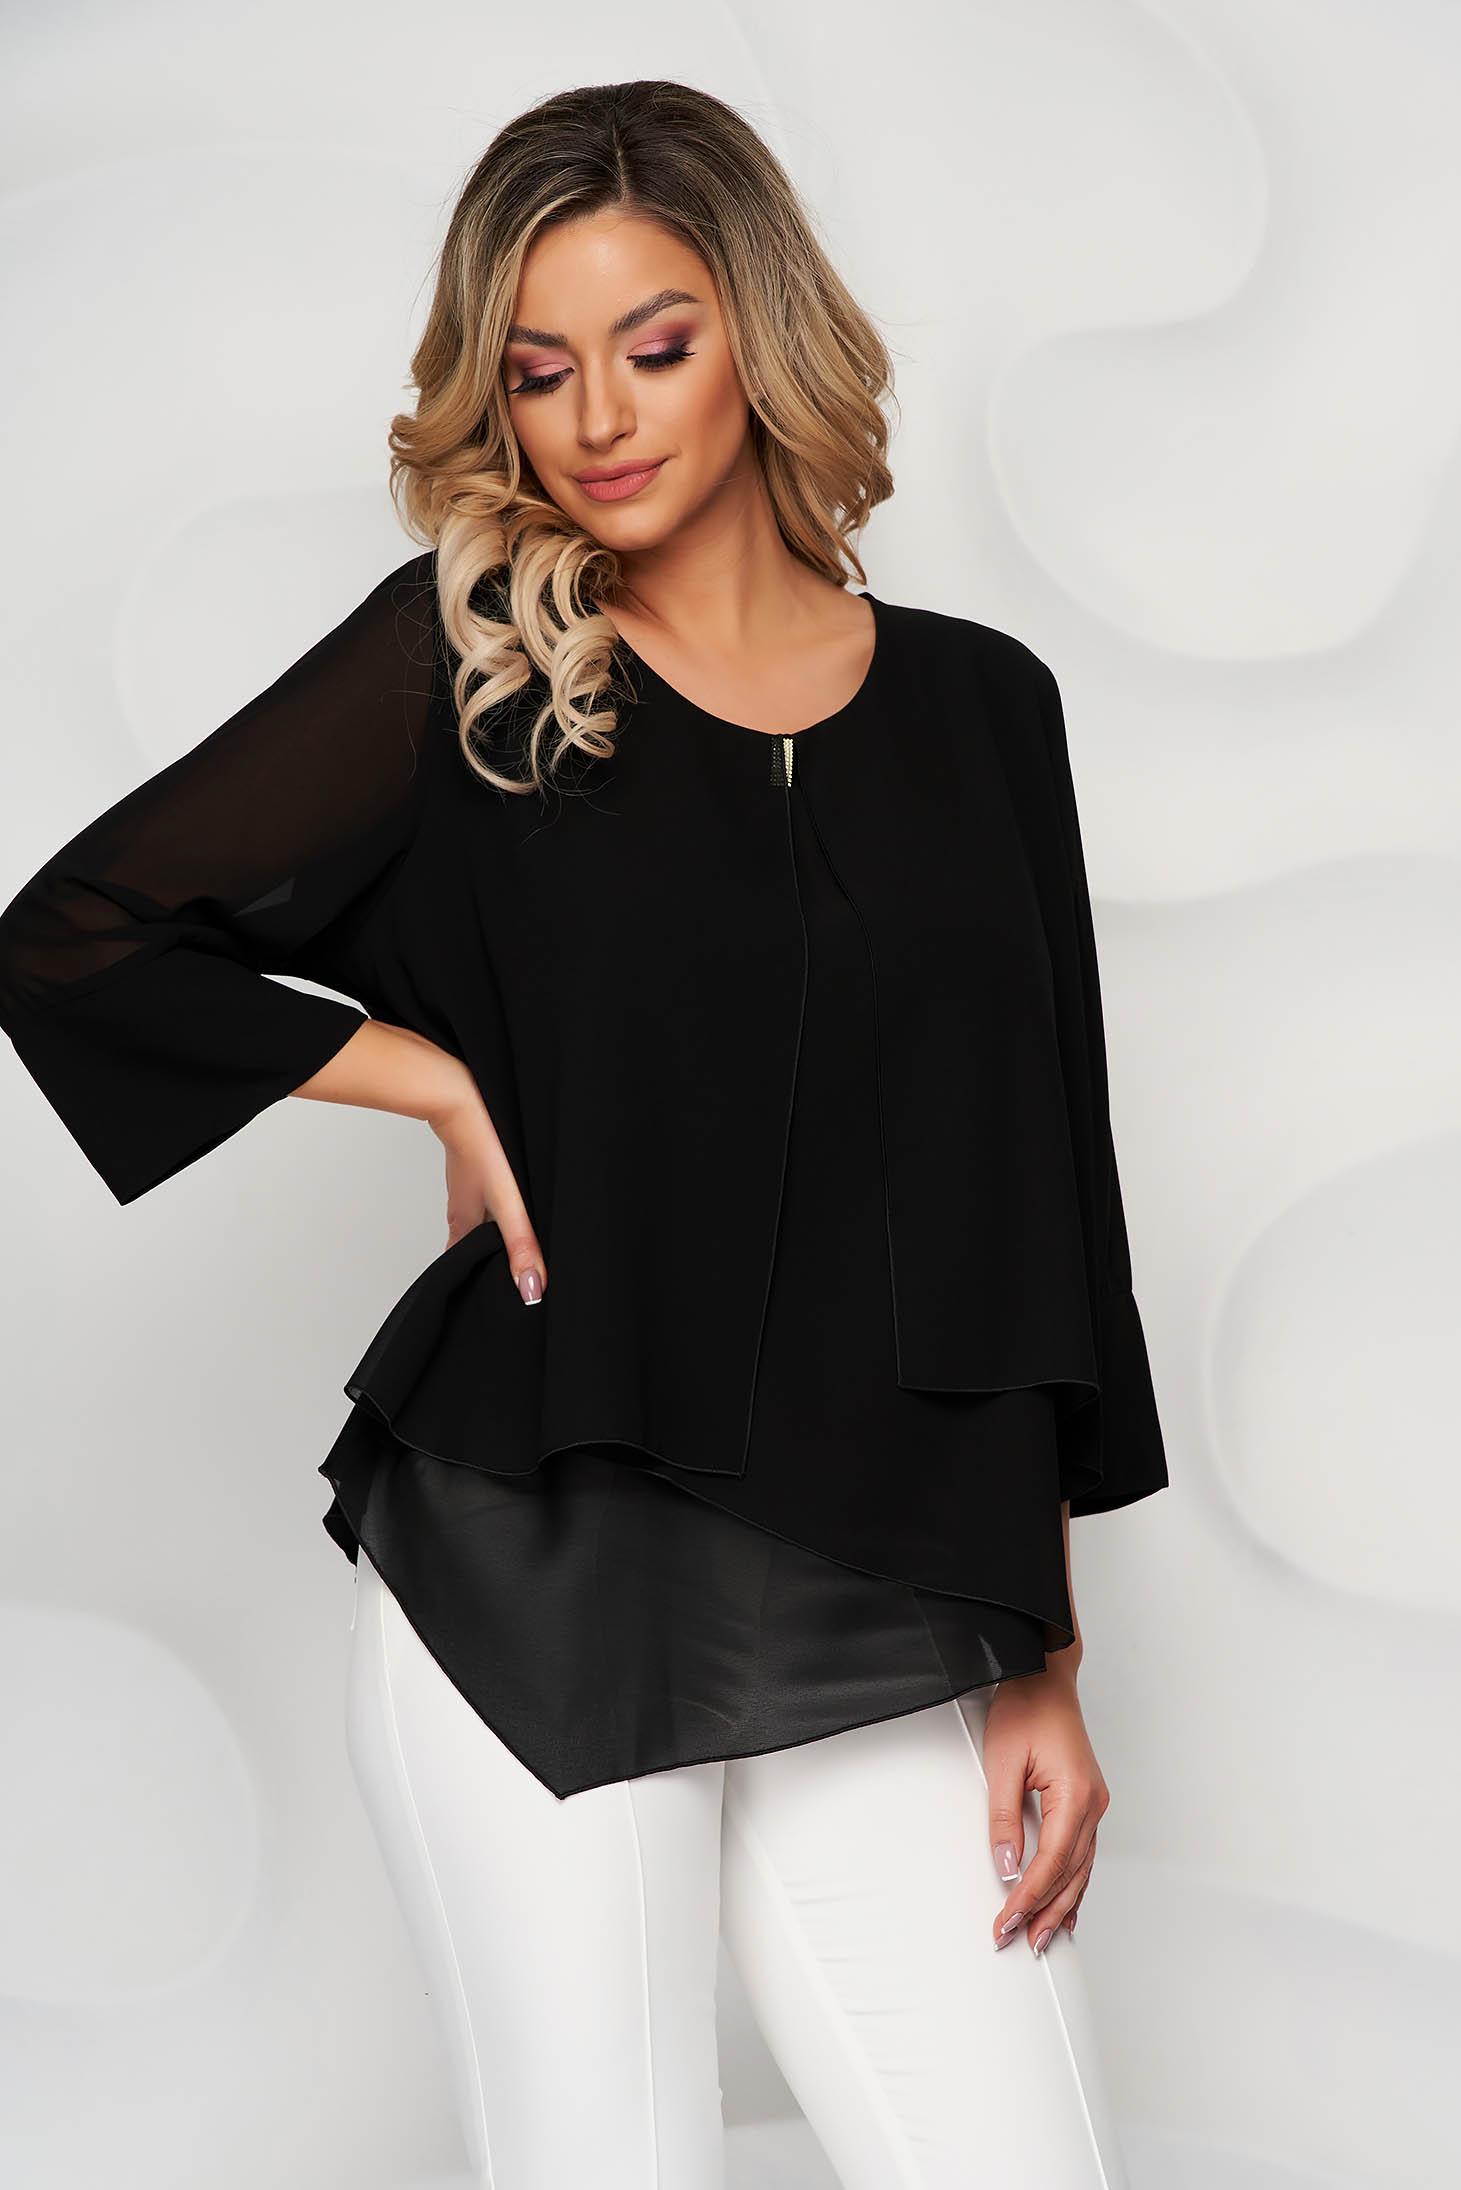 Bluza dama neagra office scurta din voal cu croi larg asimetrica cu accesorii metalice